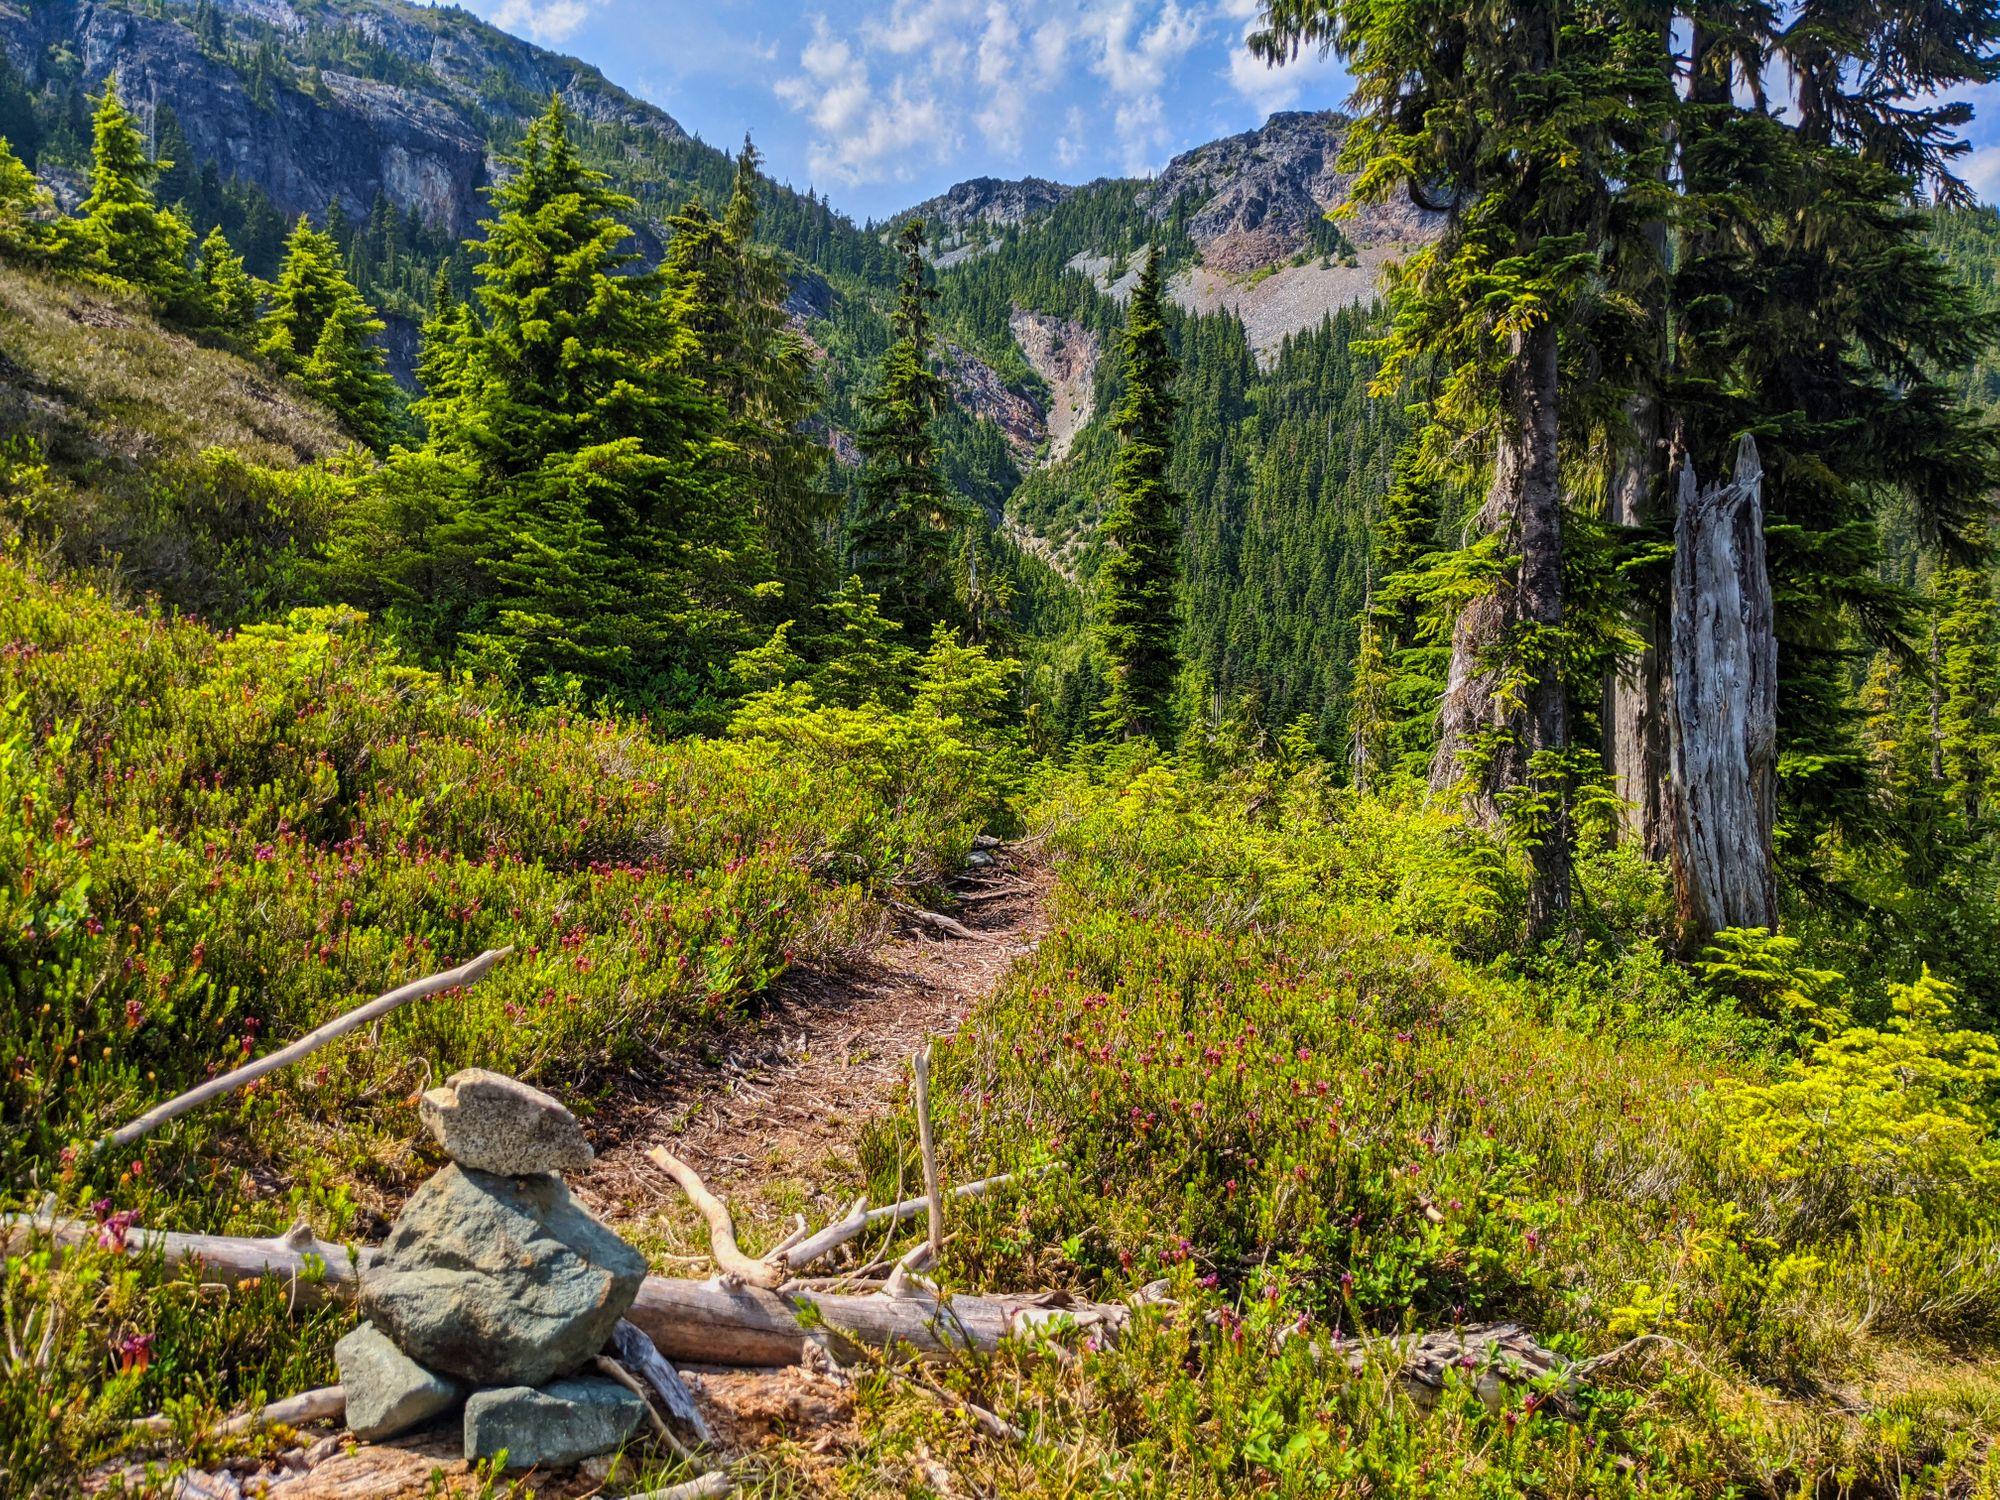 Trail to Amphitheatre Lake